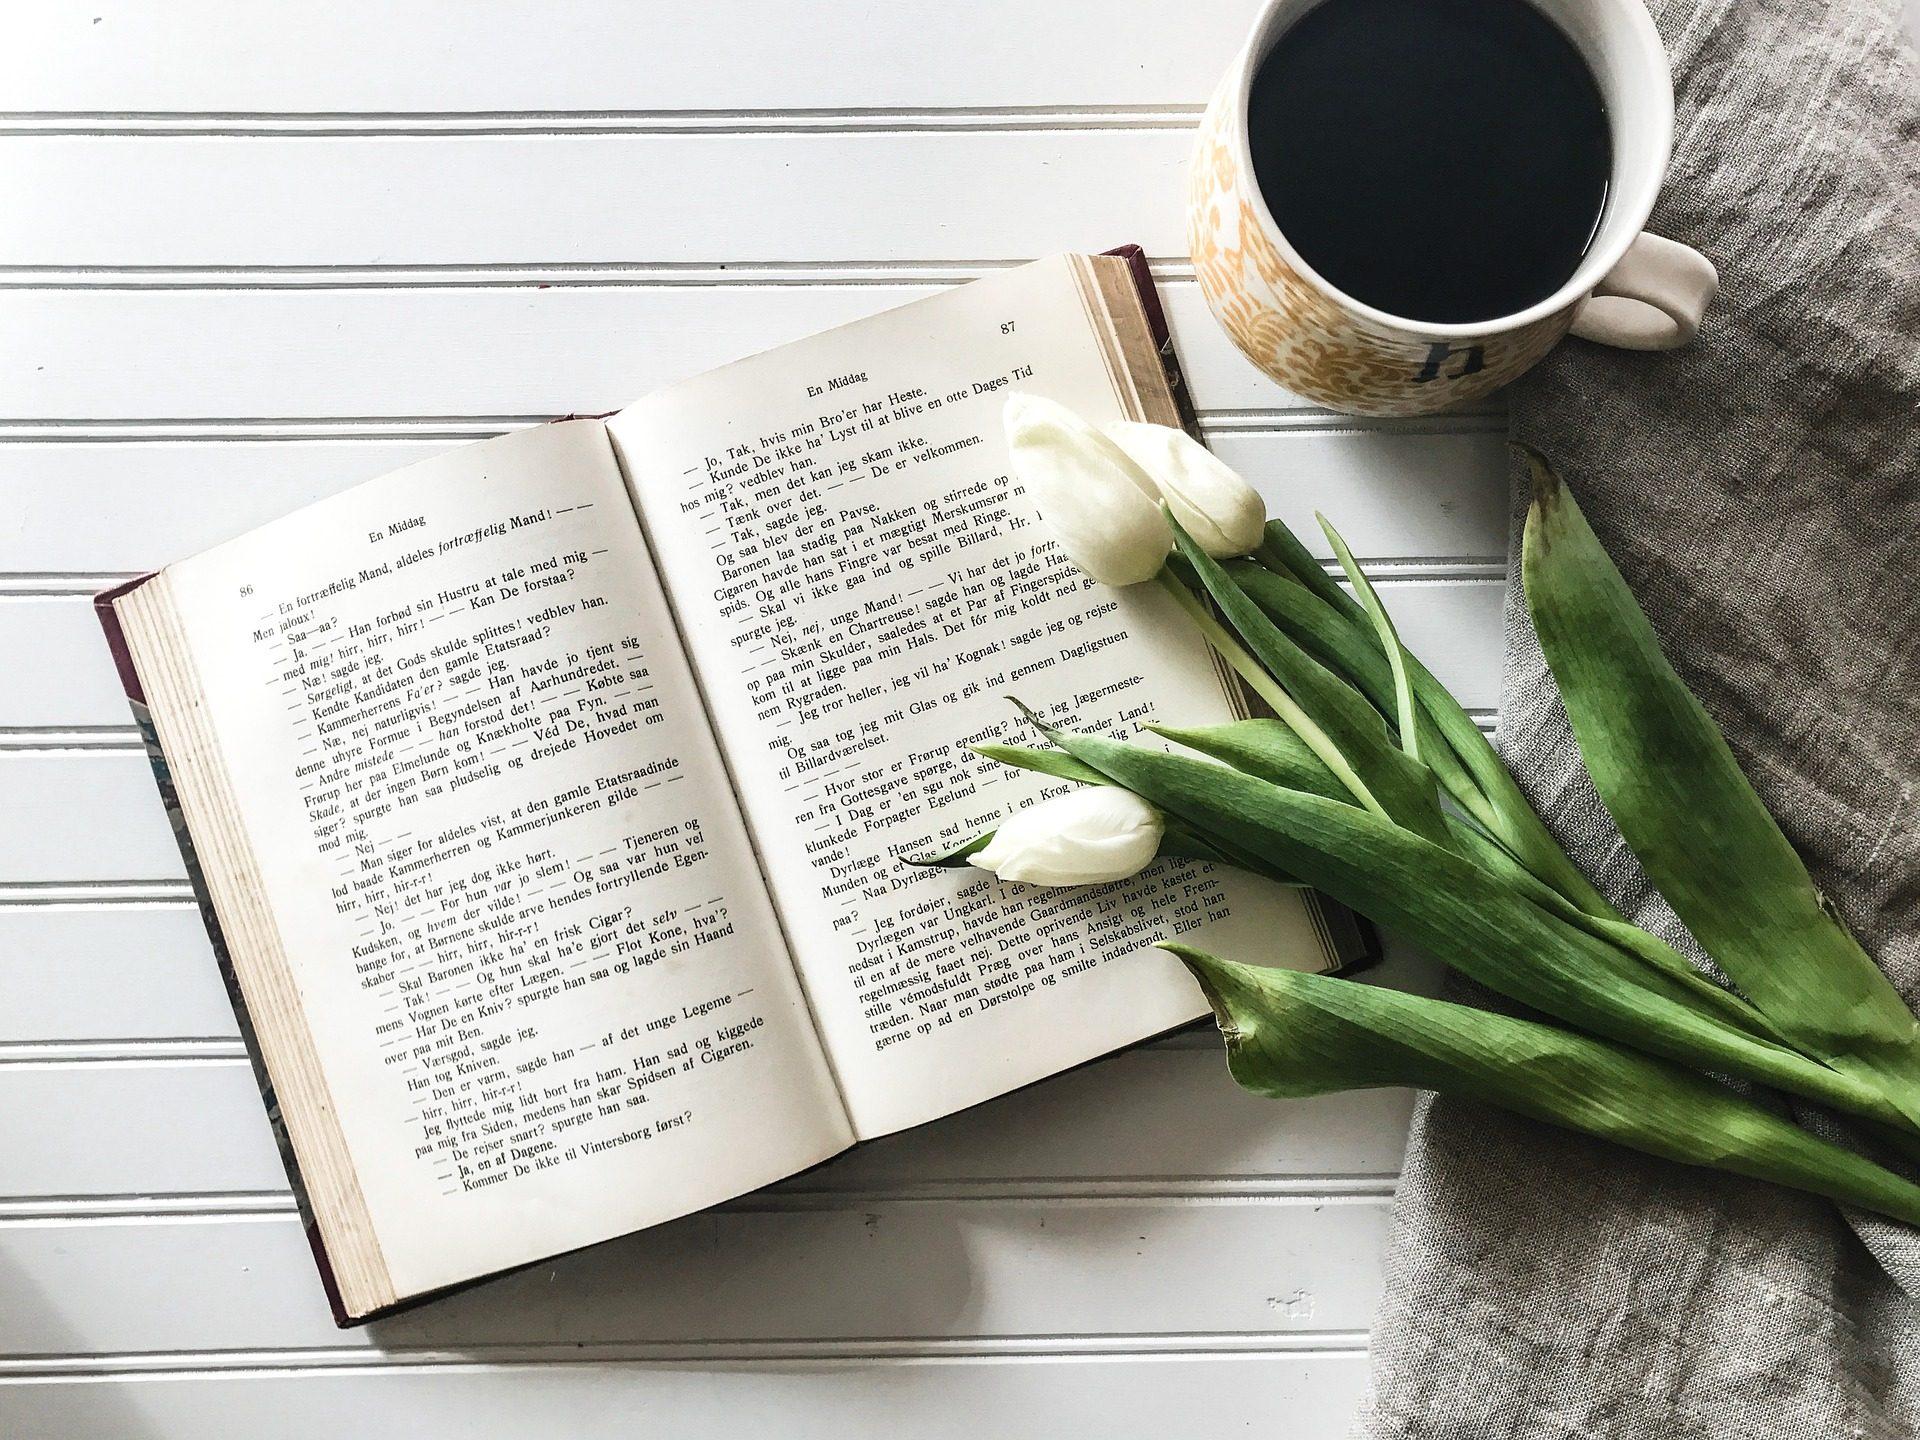 كتاب, كأس, القهوة, إفطار, الزهور - خلفيات عالية الدقة - أستاذ falken.com